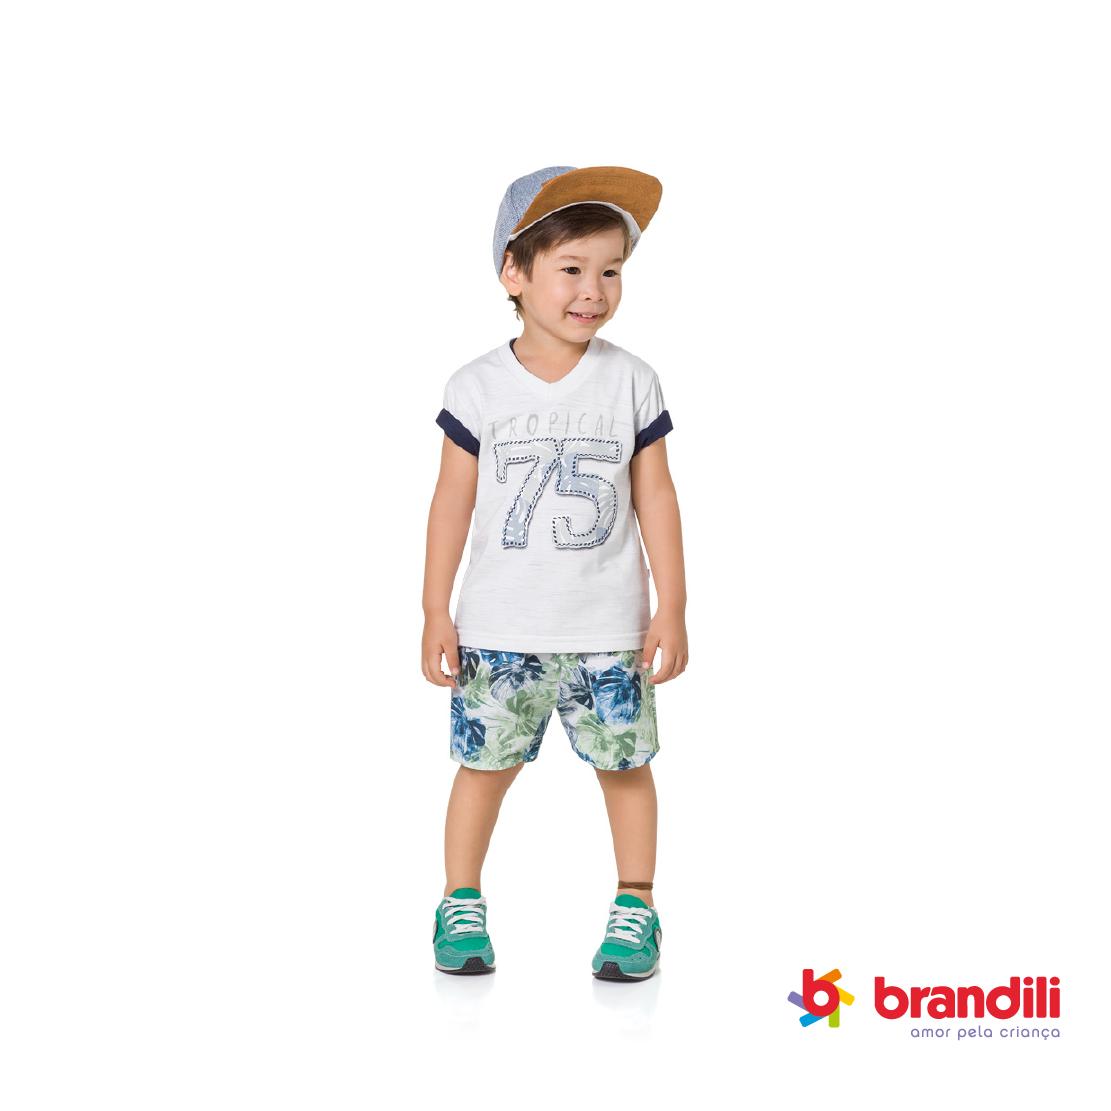 Tropical Explorer: tendência Alto Verão 16/17 para meninas e meninos